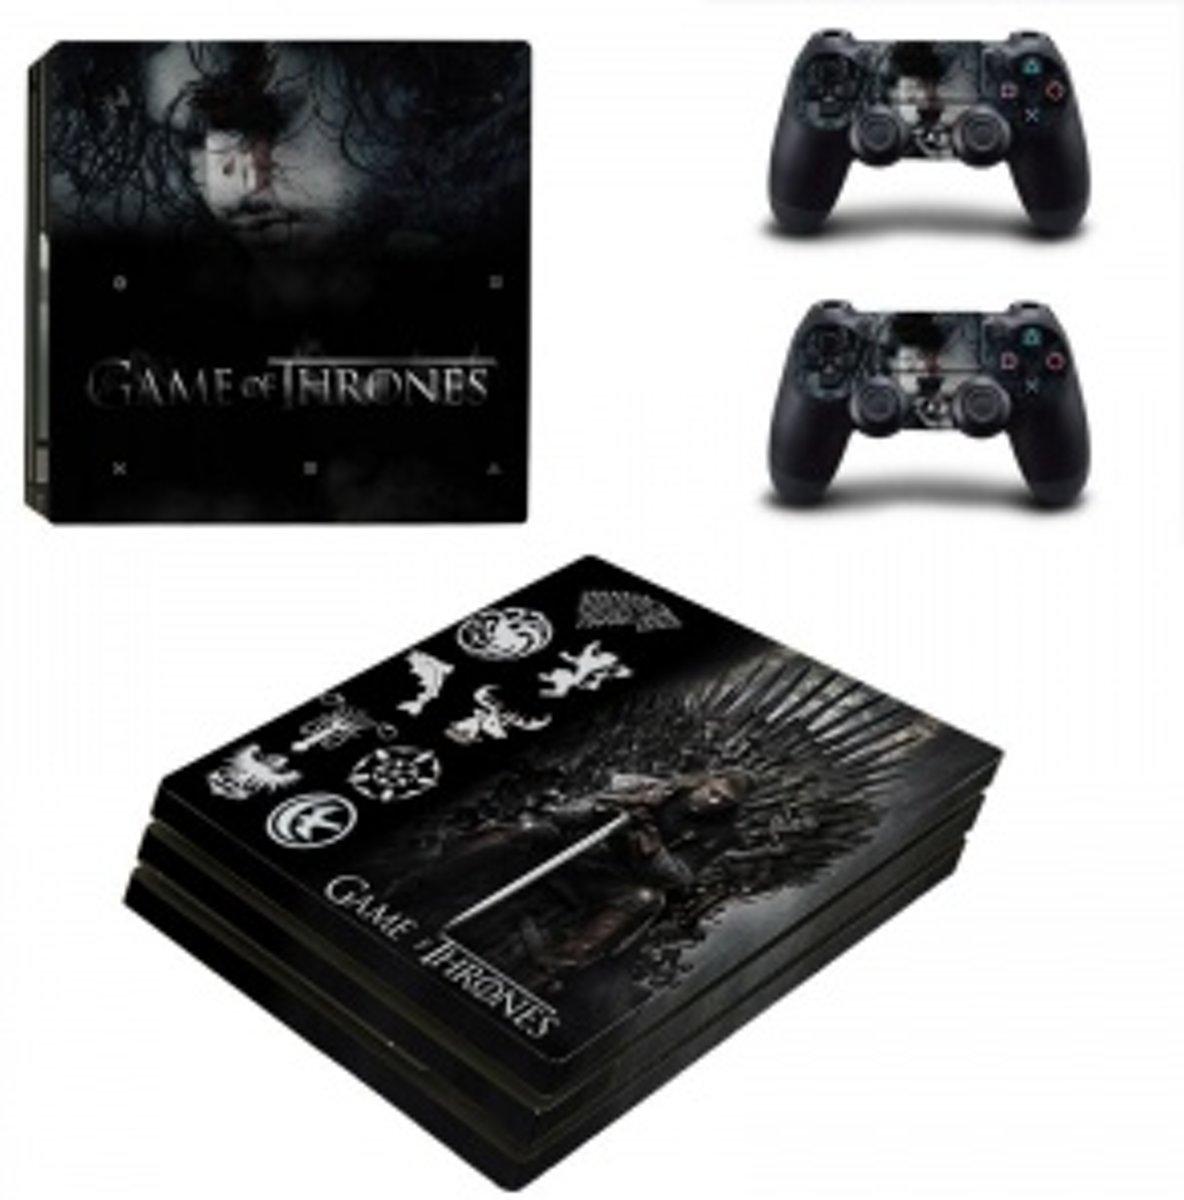 Game of Thrones Skin Sticker - Playstation 4 kopen